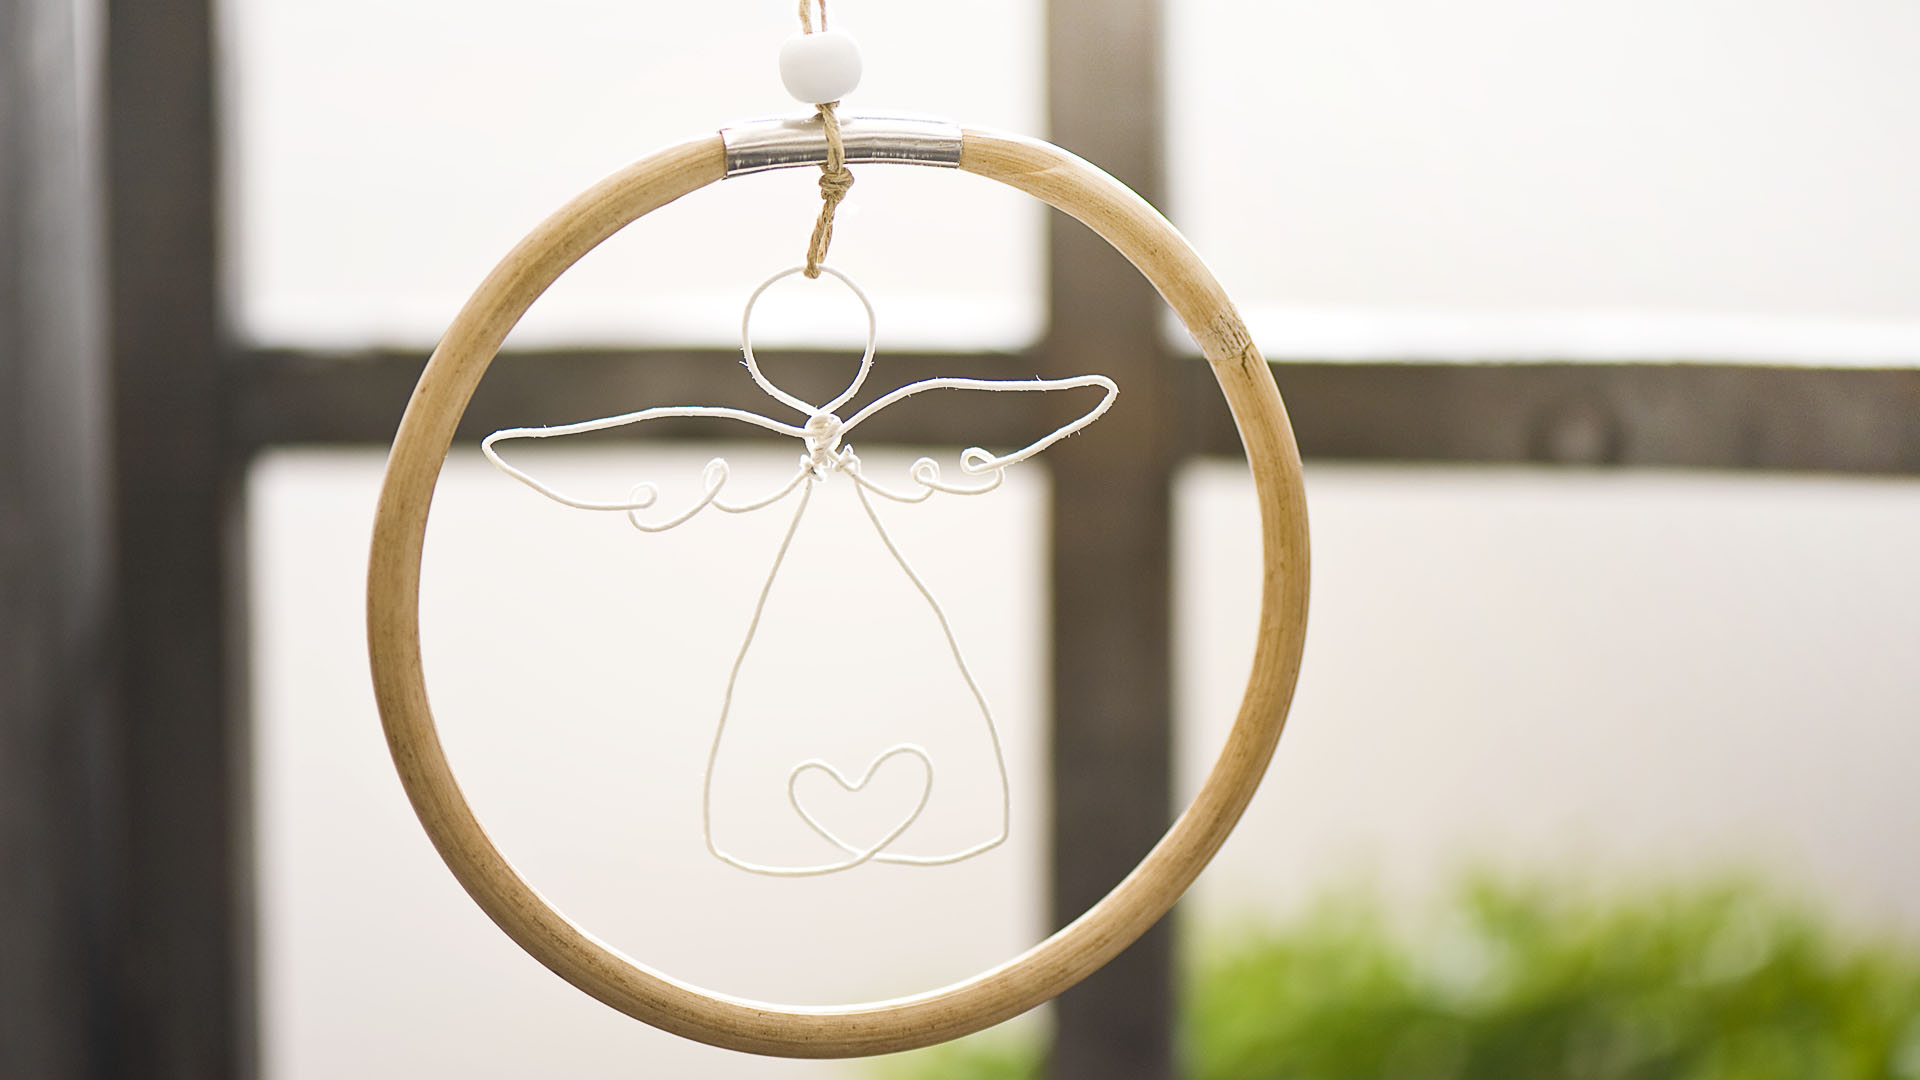 Ideen für Papierdraht: Schutzengel | Schutzengel aus Papierdraht in Weiß in einem Holzring zum Aufhängen